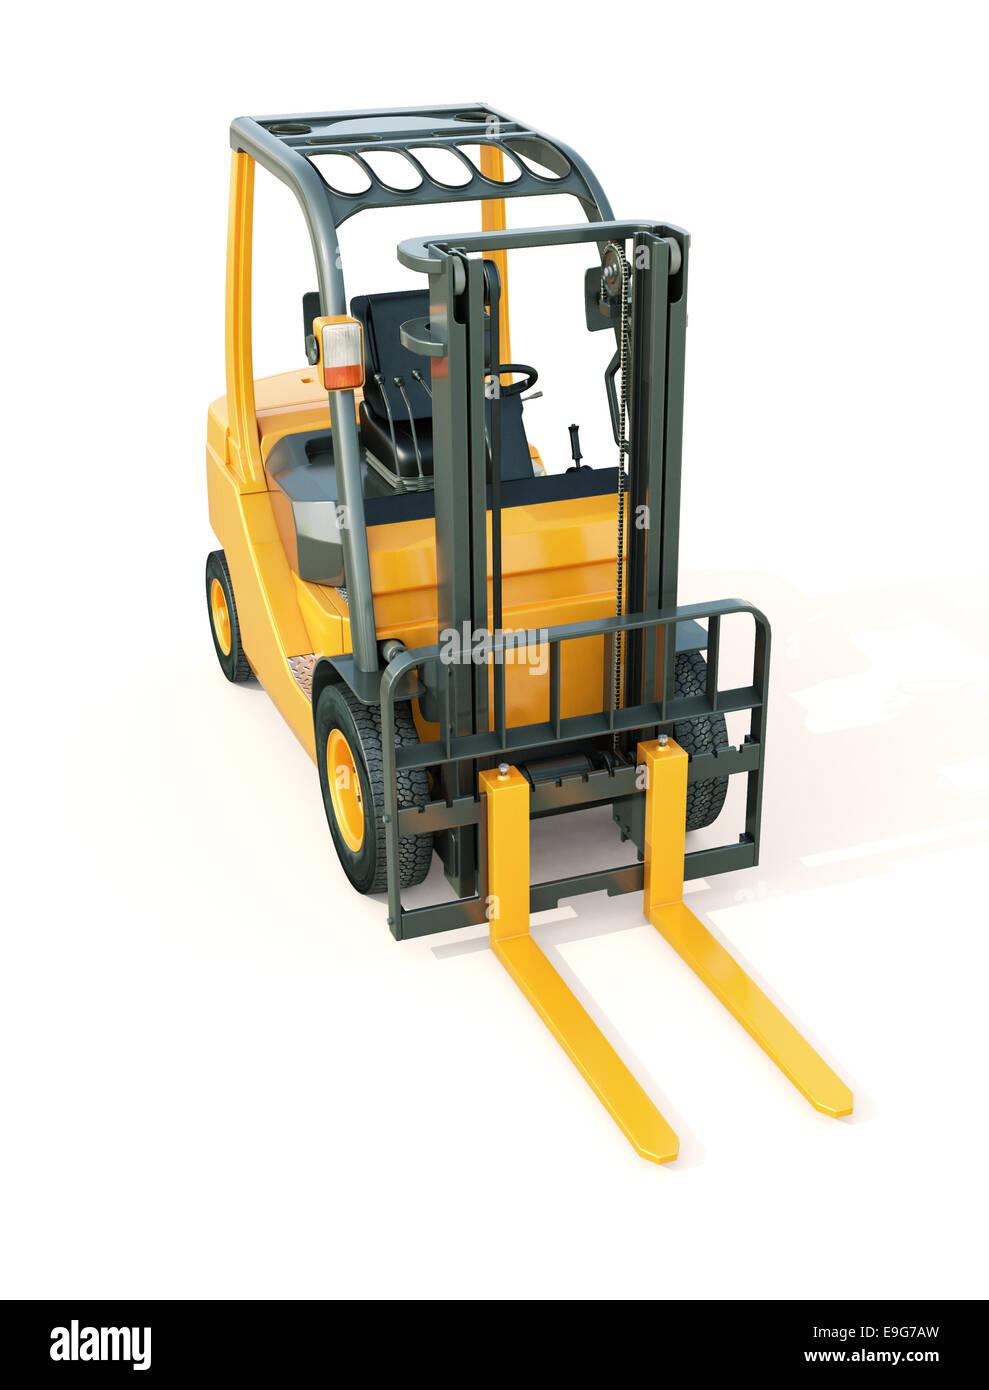 Forklift truck - Stock Image